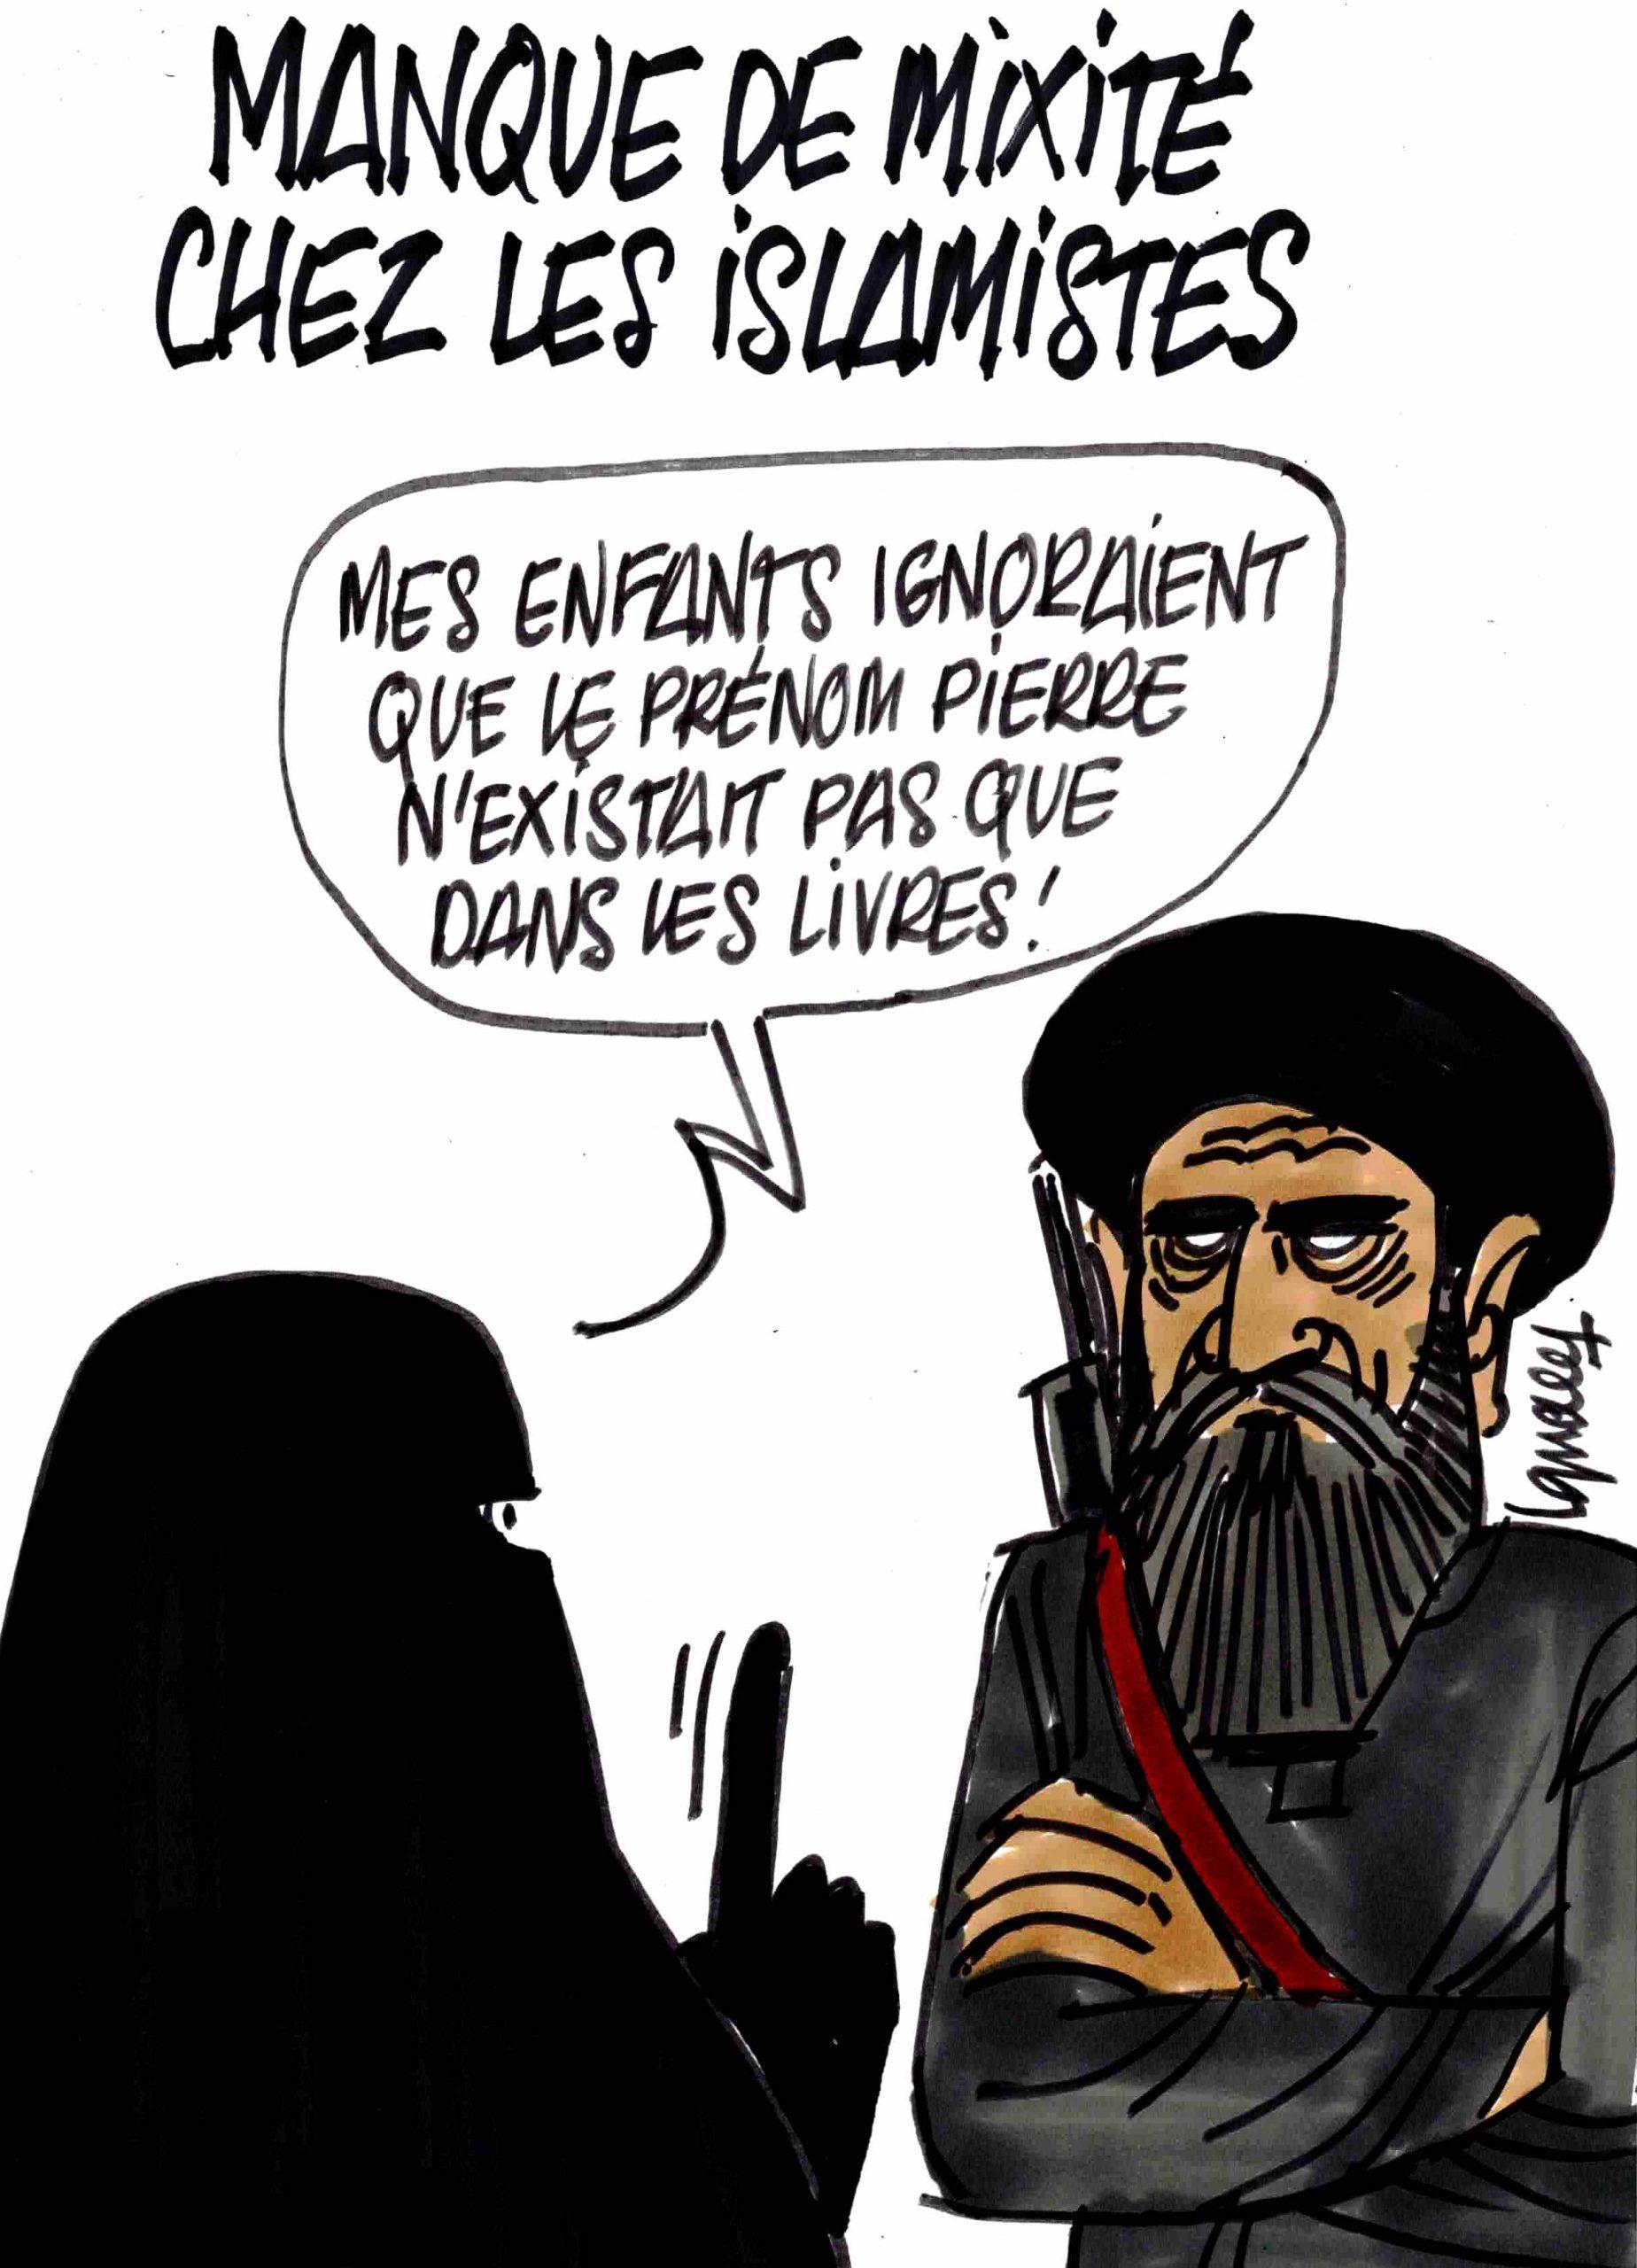 Ignace - Manque de mixité chez les islamistes